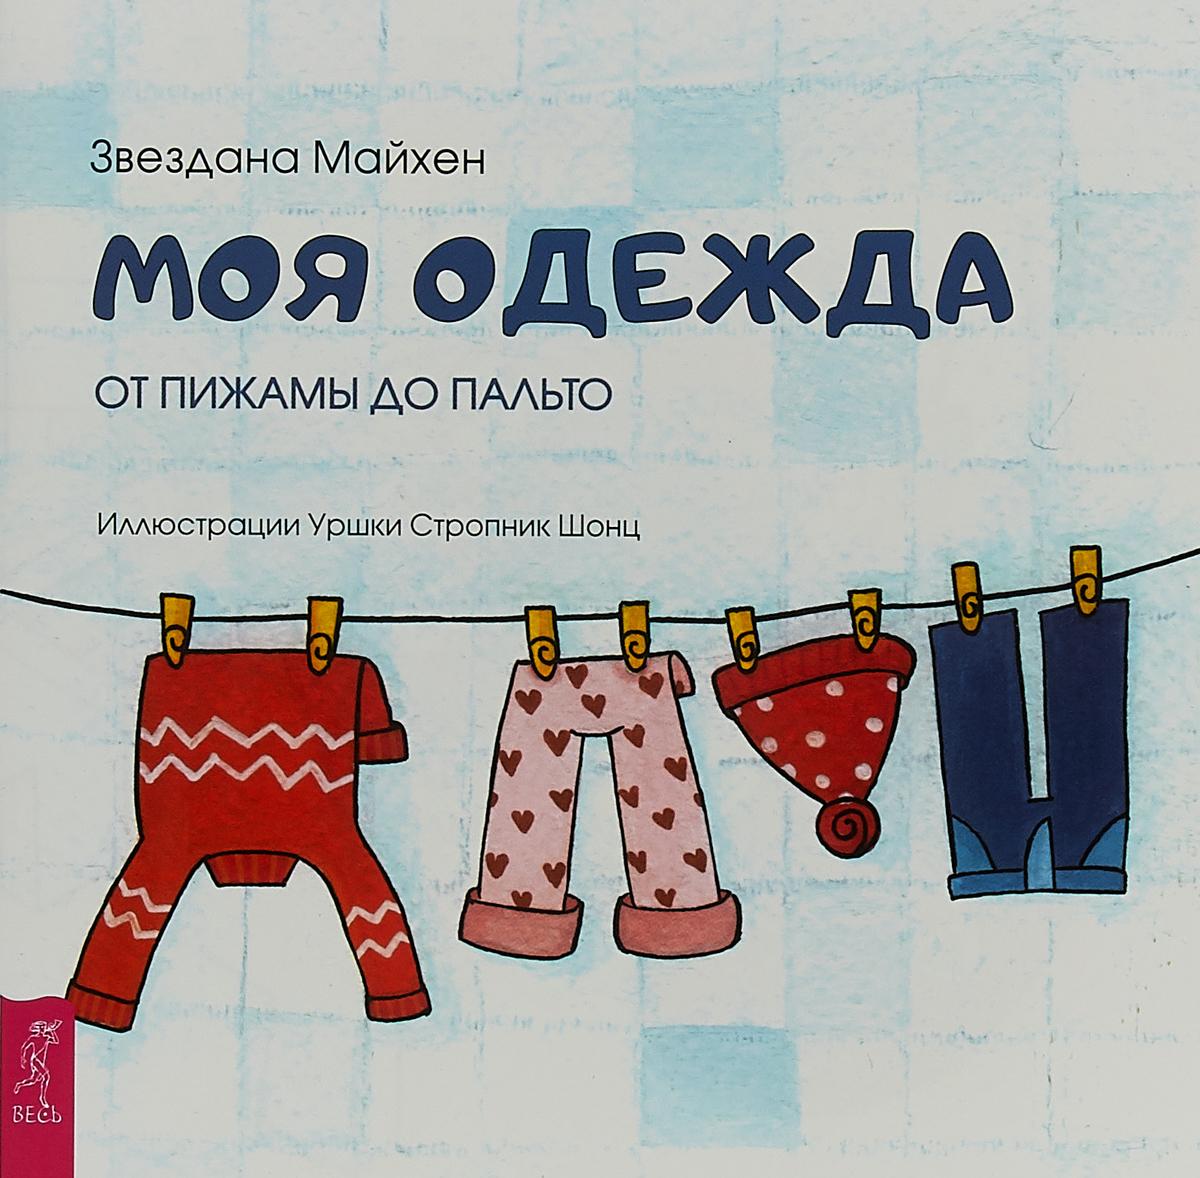 Майхен Звездана Моя одежда: от пижамы до пальто (3348) 2016 хлопок детей спальные костюмы осенние пижамы дети мода newst домашнее пижамы пижамы пижамы пижамы домашняя одежда одежда